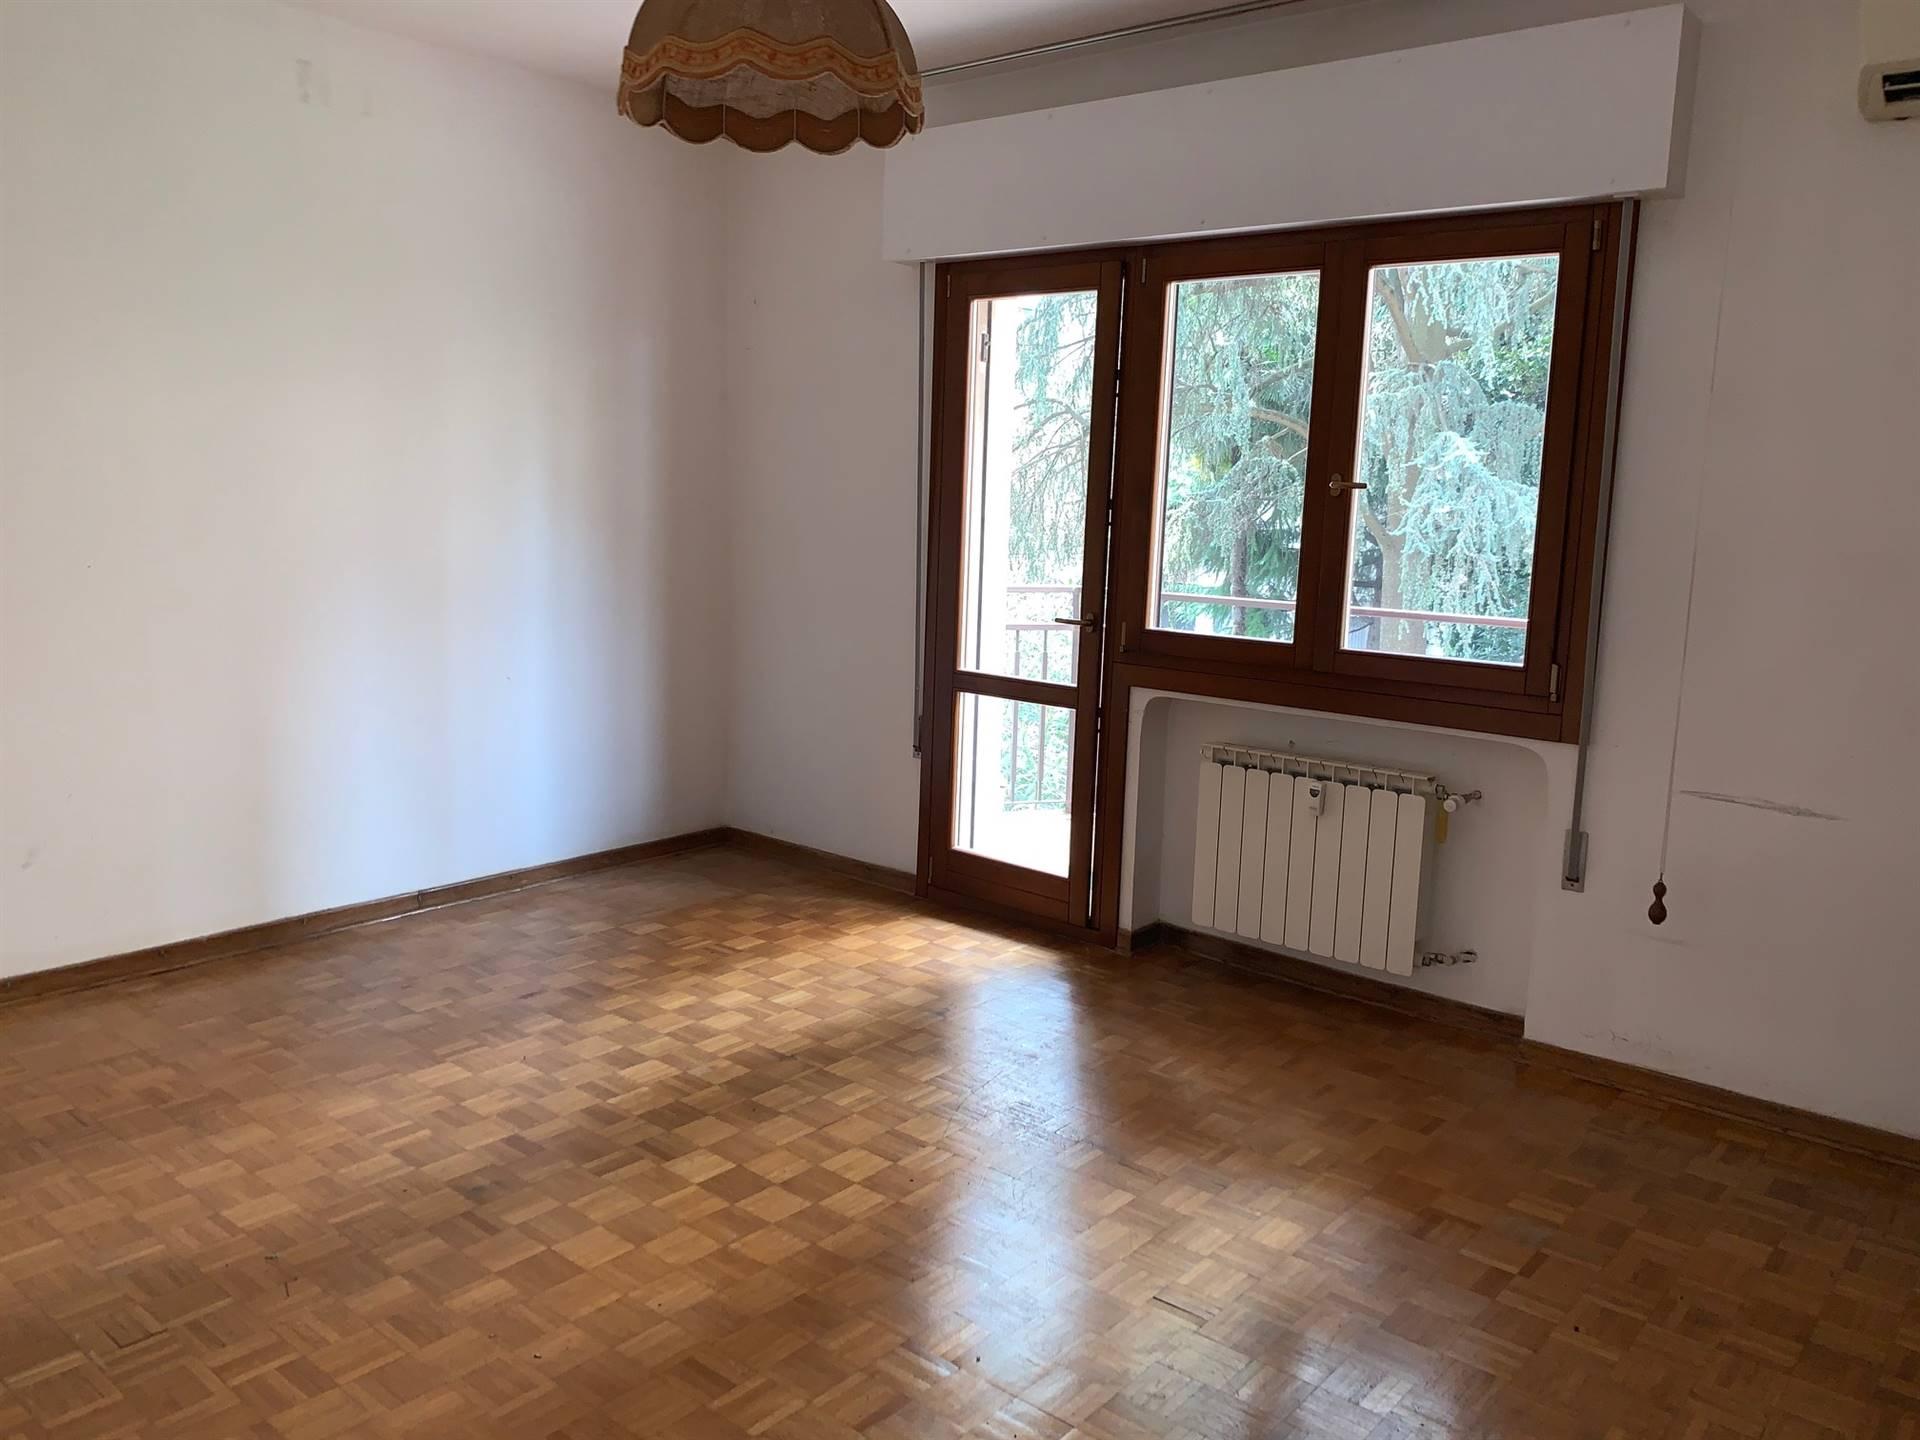 camera pavimento legno Mestre centro affitto